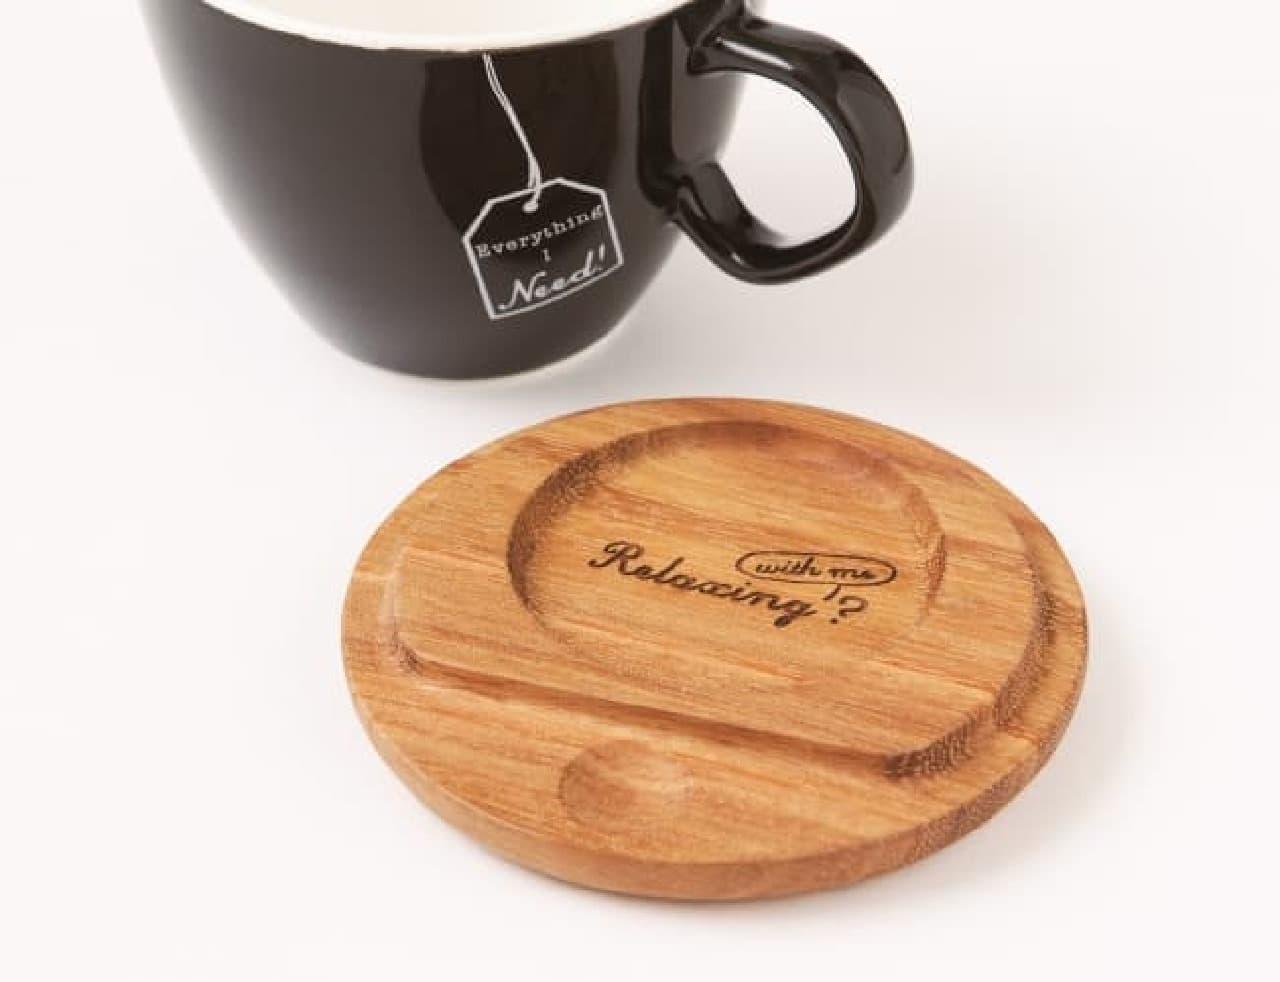 Afternoon Tea LIVING(アフタヌーンティー・リビング)から、ティーバッグで美味しい紅茶を楽しむためのカップやポット